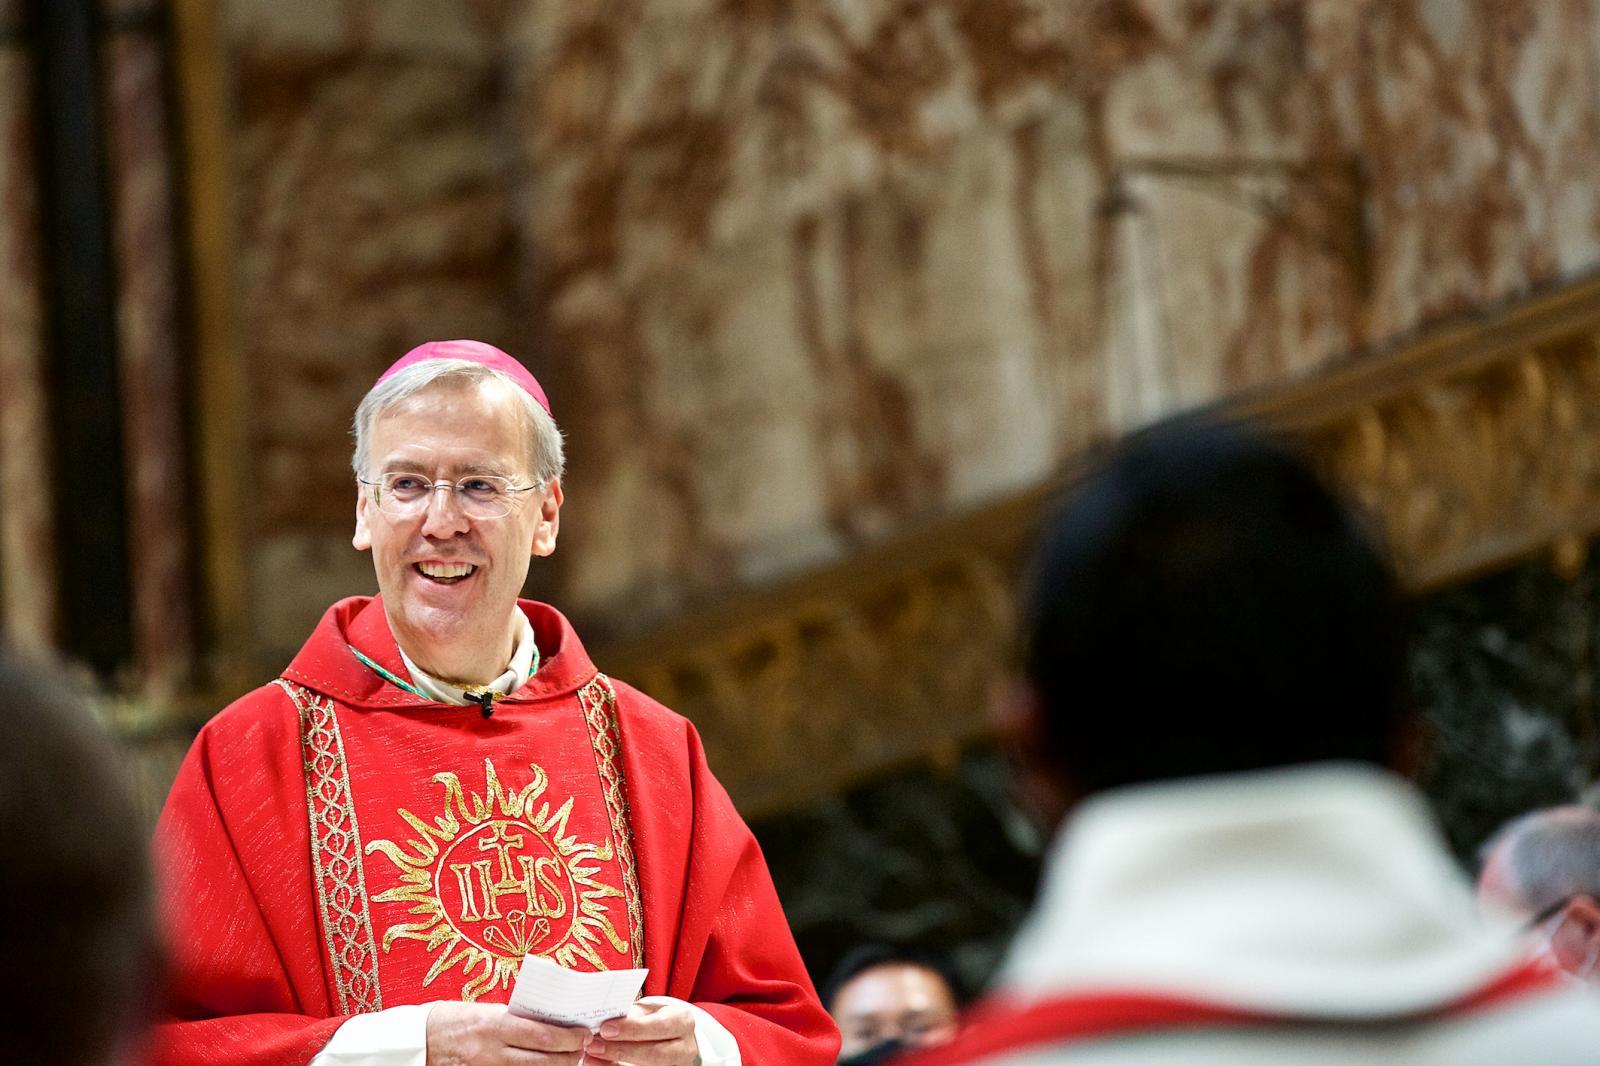 Diaconal ordination Mass of Xavier de Bénazé SJ - Diocese of Westminster